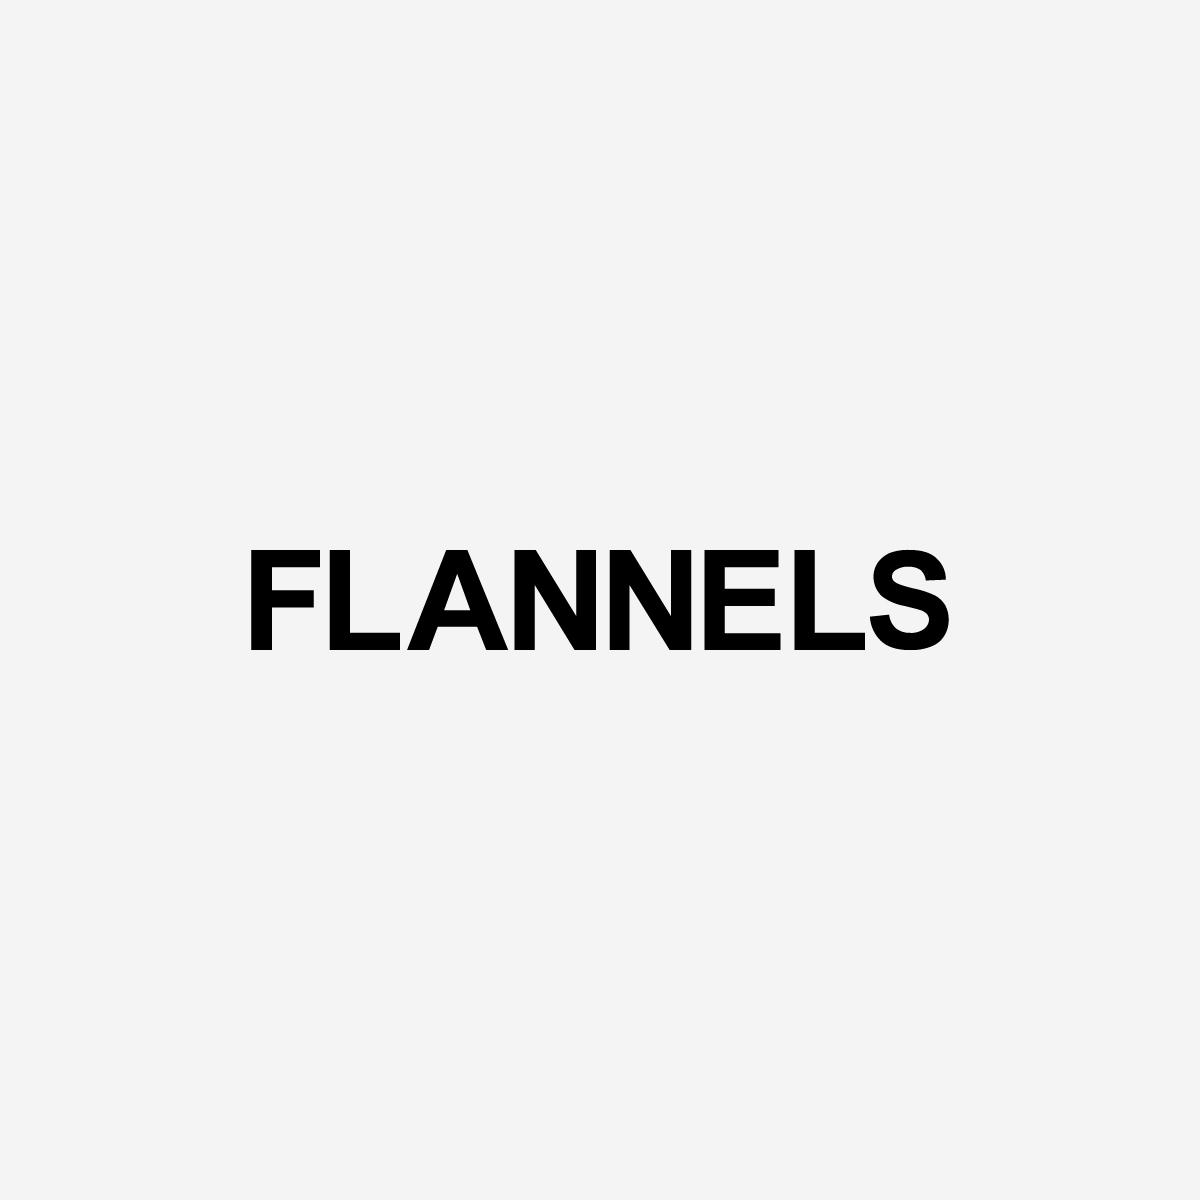 FLANNELS | SPLOOSH MEDIA | BRANDING AGENCY MANCHESTER